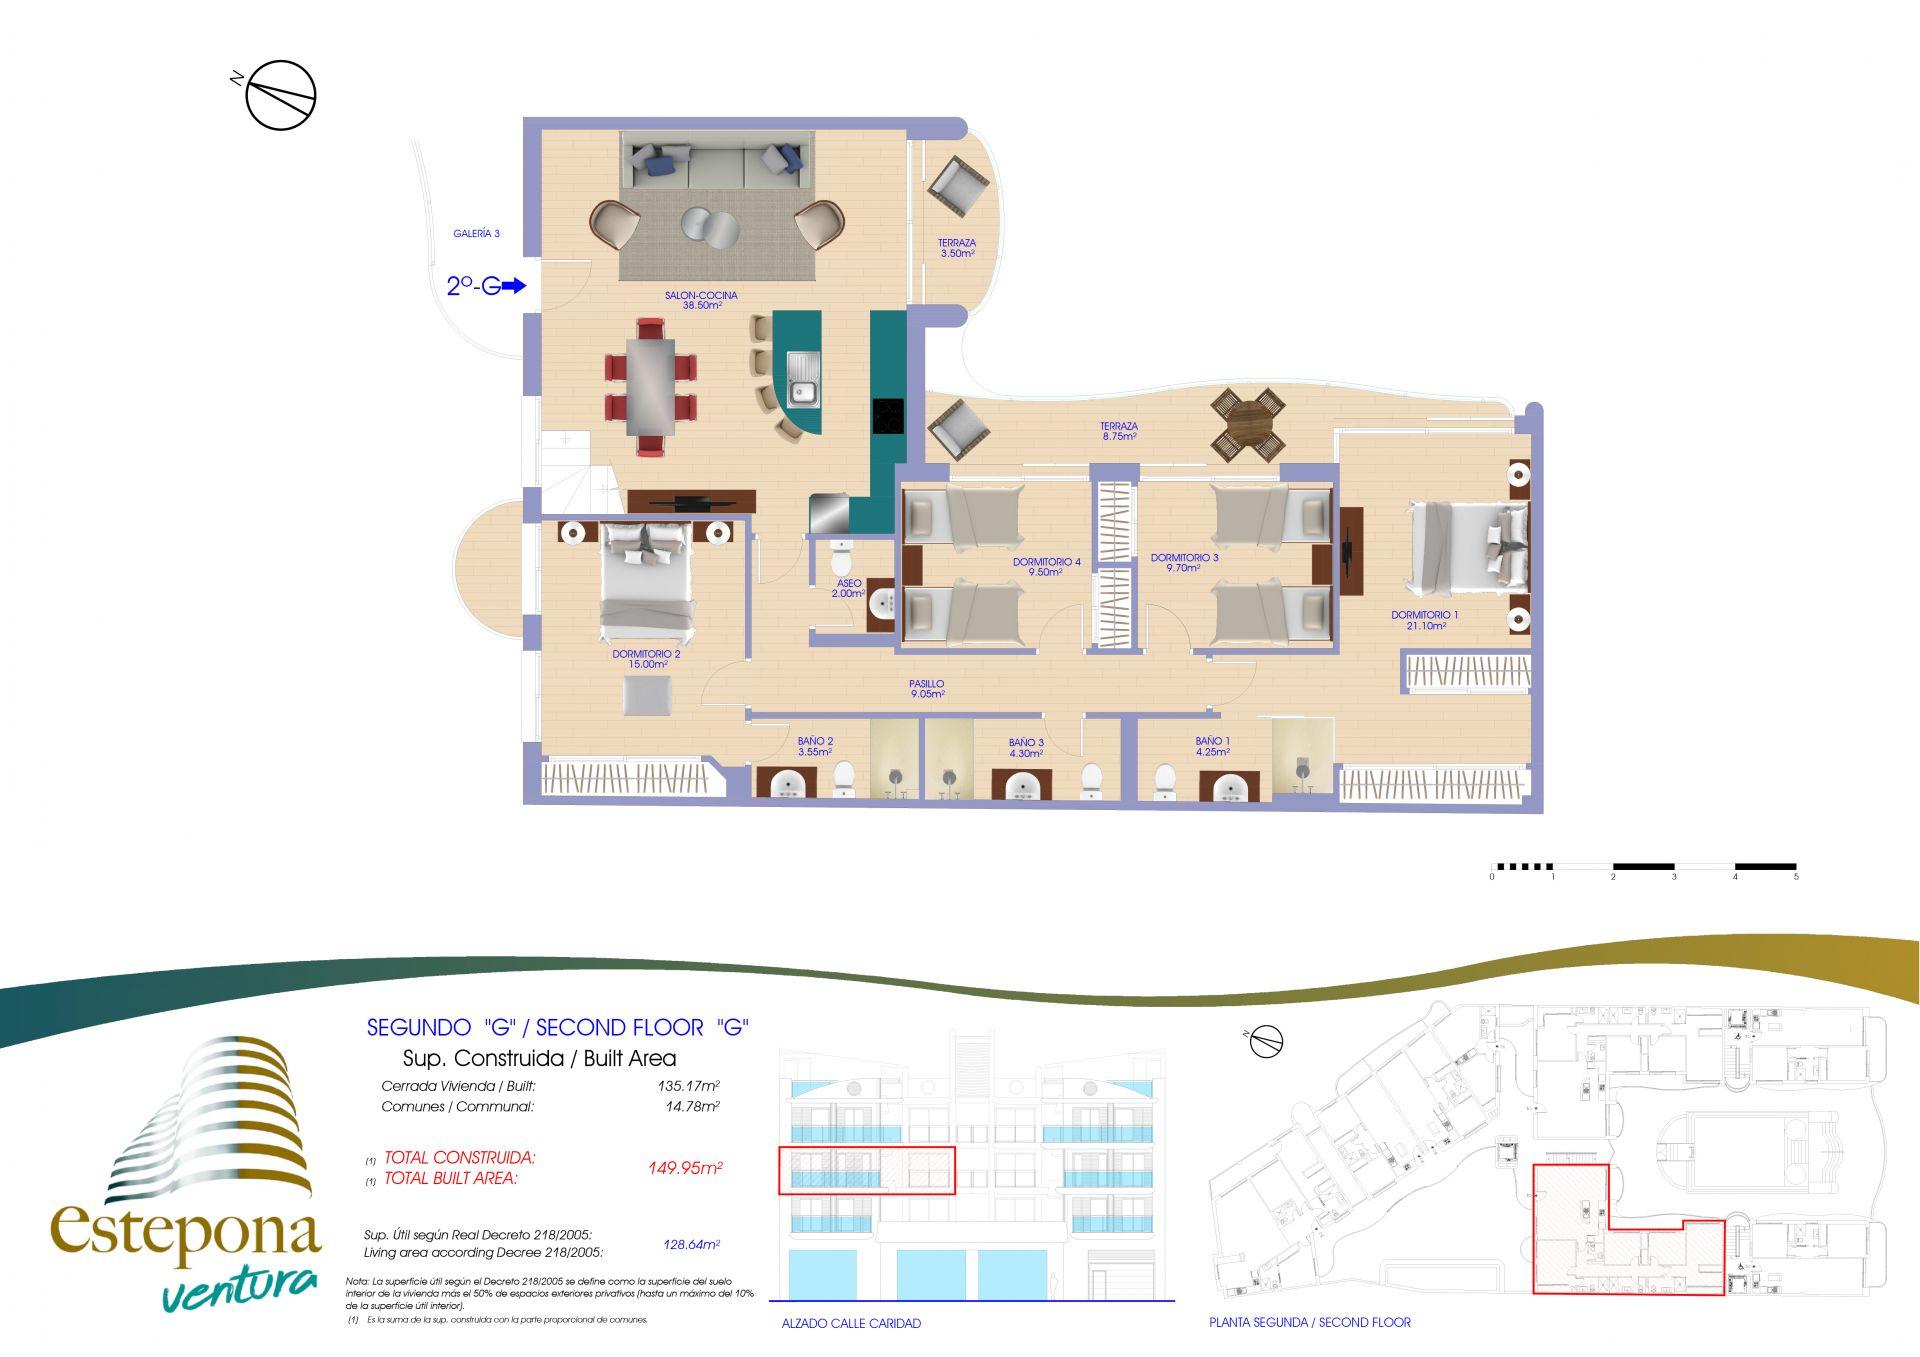 20201221 2º G  - Ventura Estepona | Compra de casa en Estepona